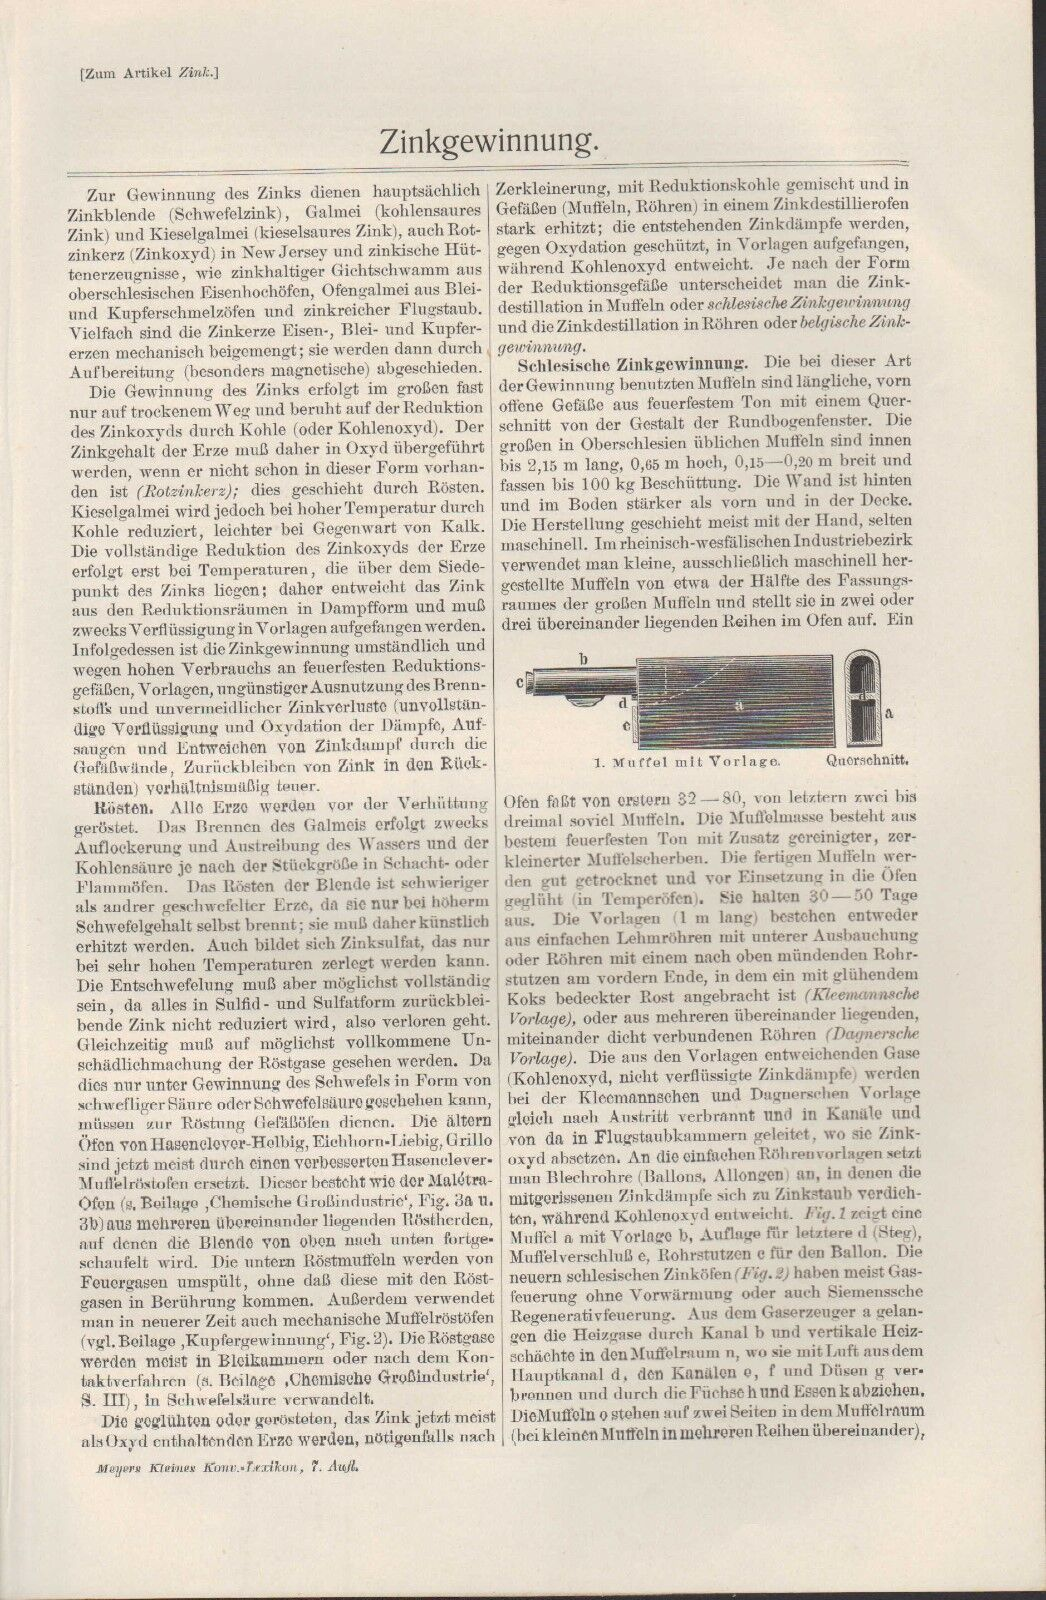 Lithografien 1910: Zinkgewinnung. Zink Muffel Zinkofen